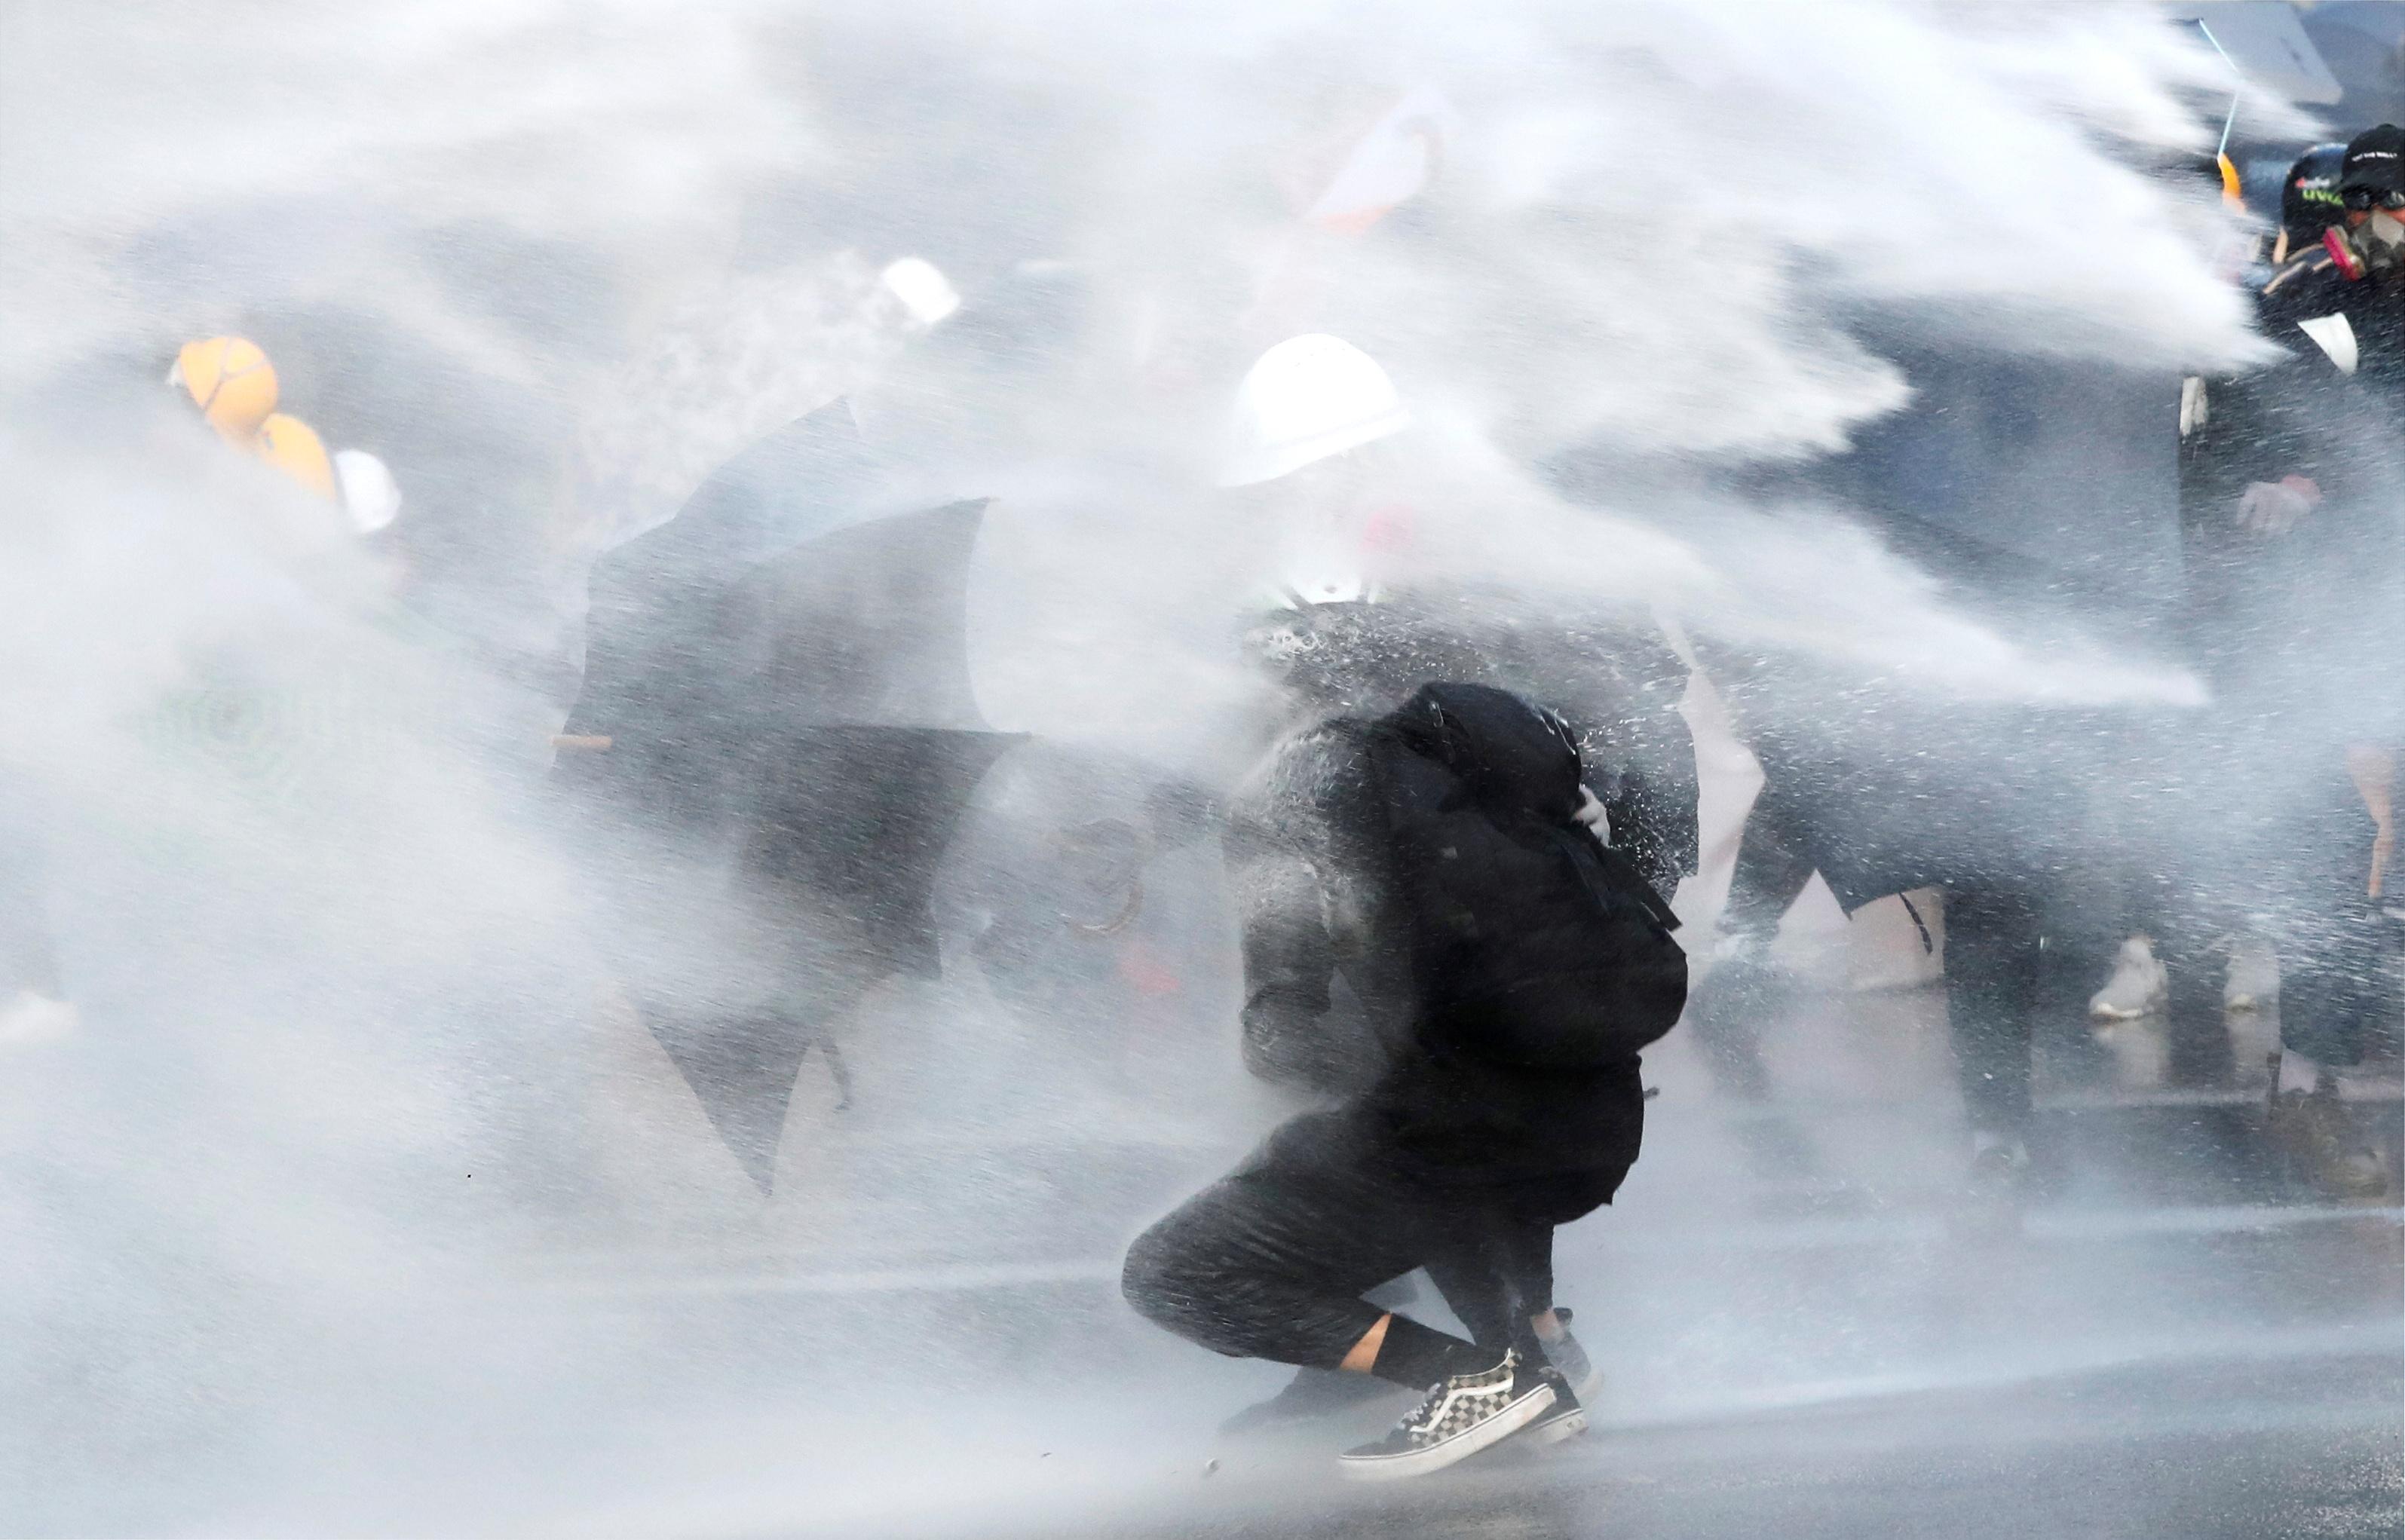 警方水炮车驶至现场,向地面及桥上发射水柱,示威者后退。-路透社-